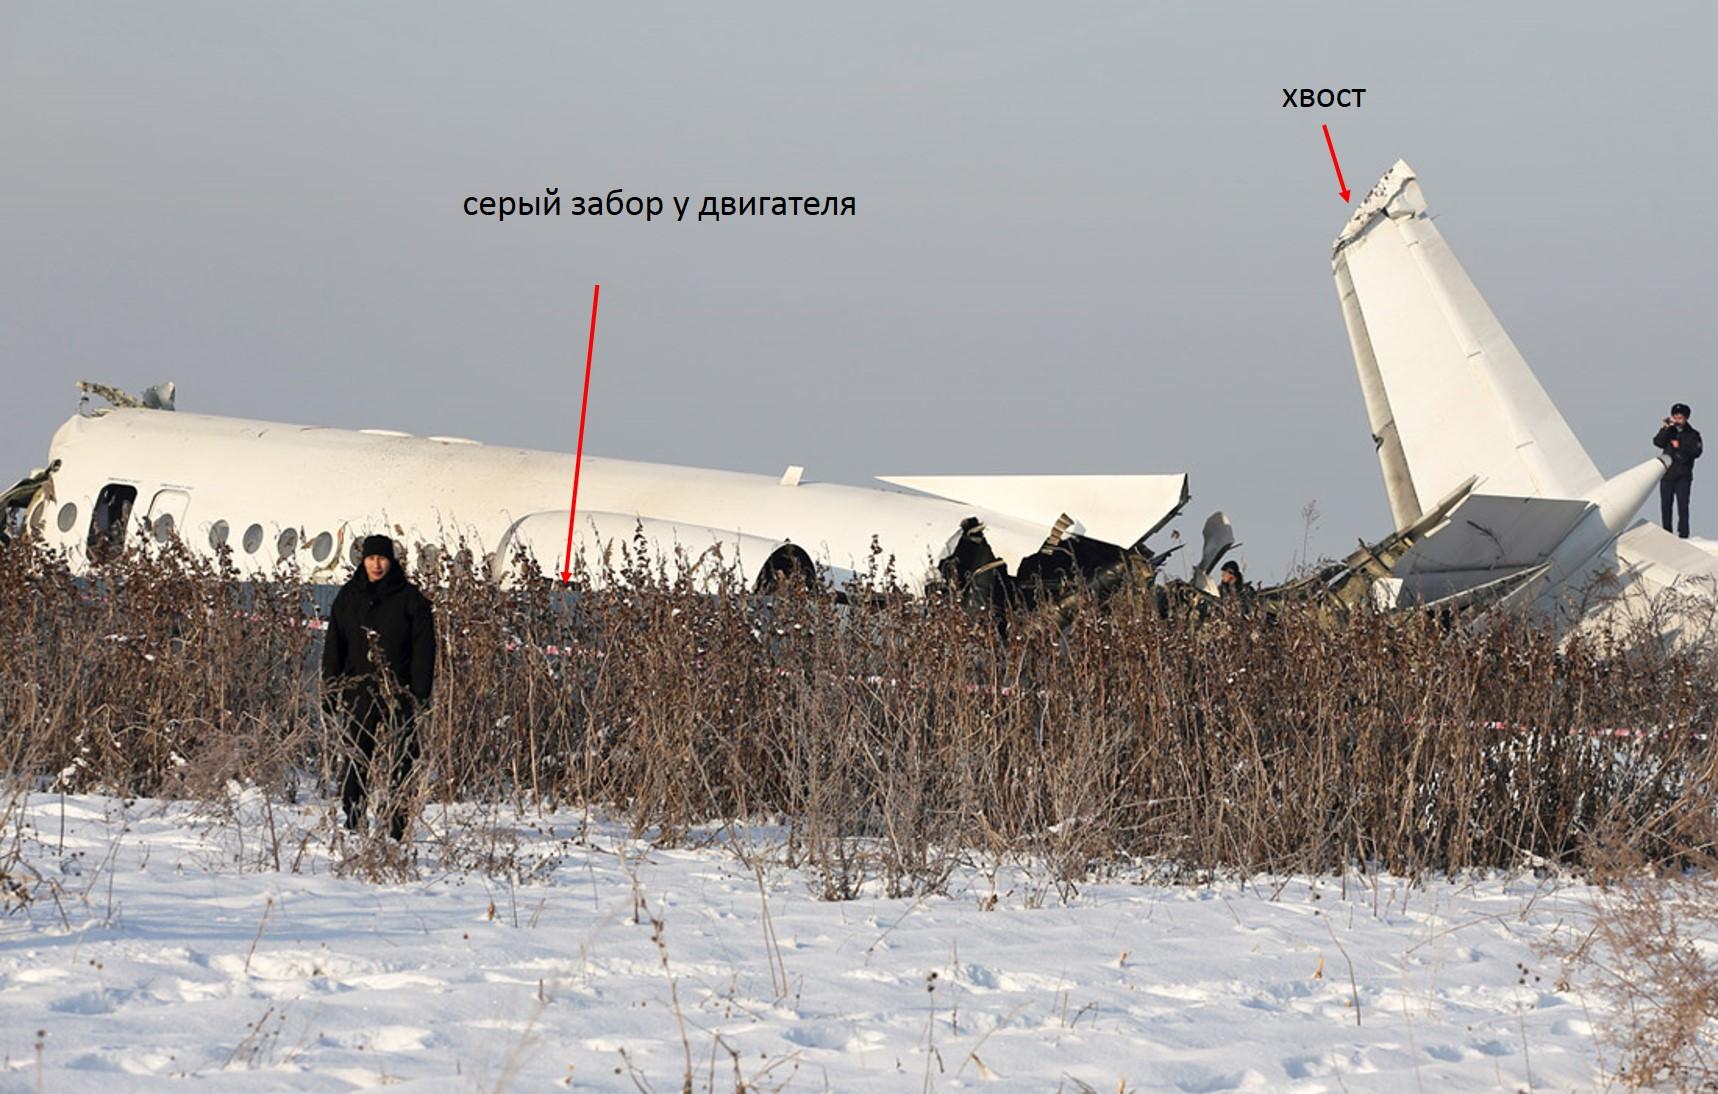 http://images.vfl.ru/ii/1577452773/d2bc1a71/29042531.jpg